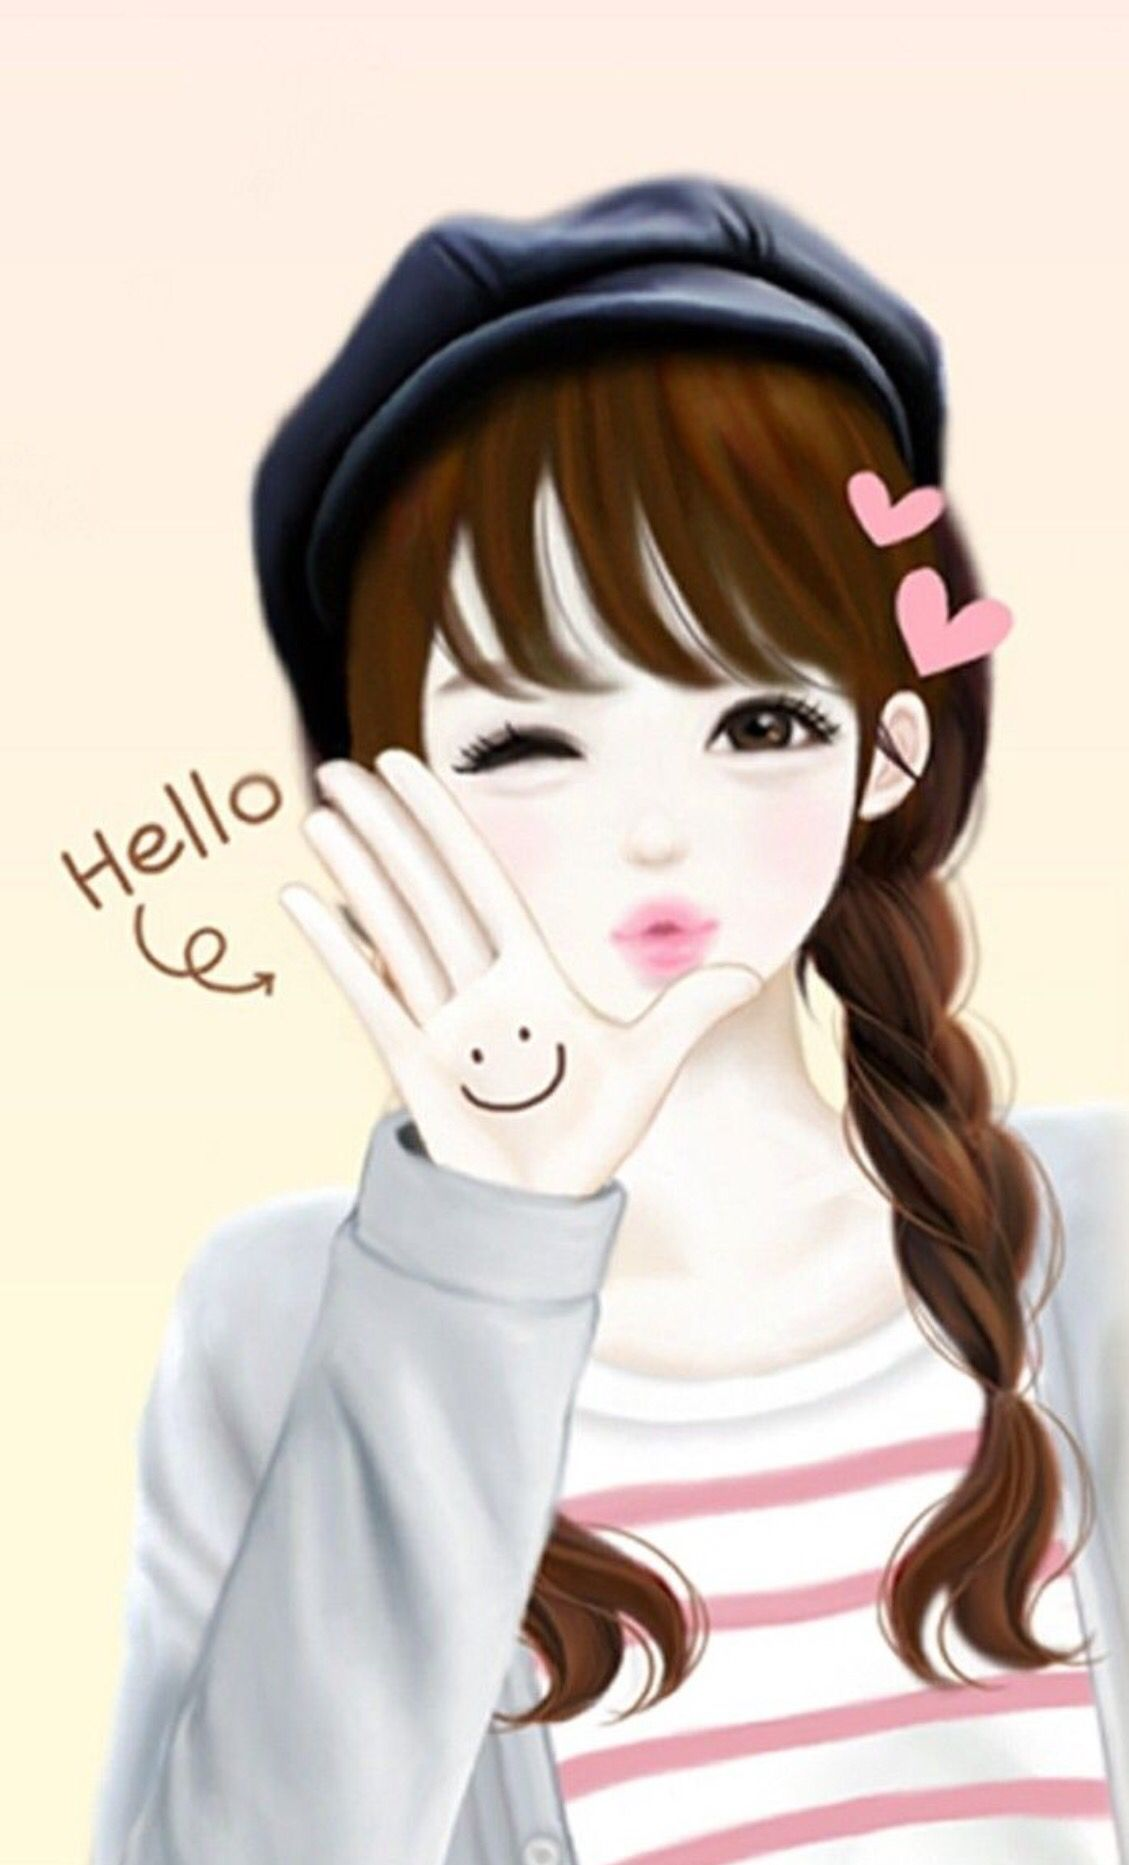 Unduh 9600  Gambar Animasi Remaja Korea HD Gratis